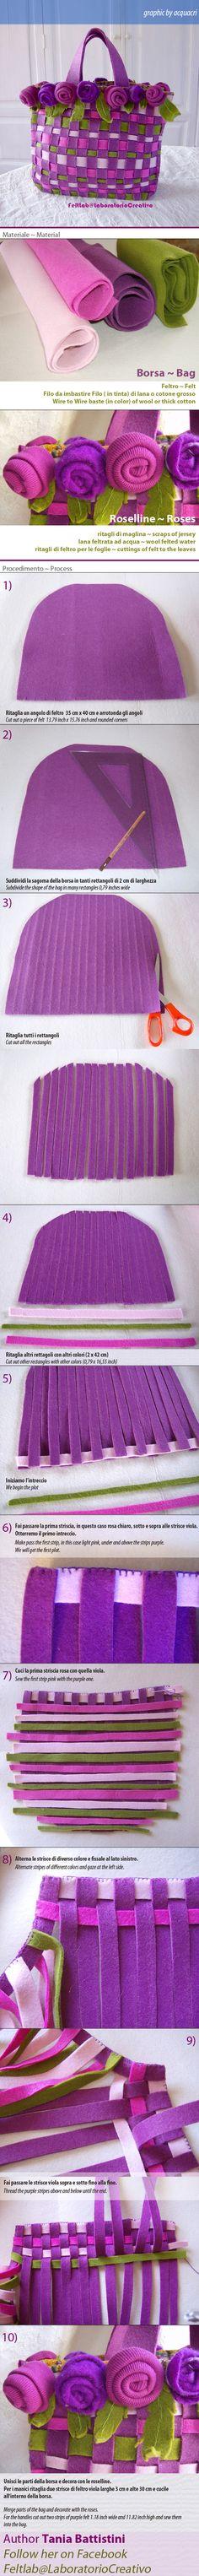 Borsa di feltro intrecciata | Felt bag woven | #felt #howtomake #DIY #bag…